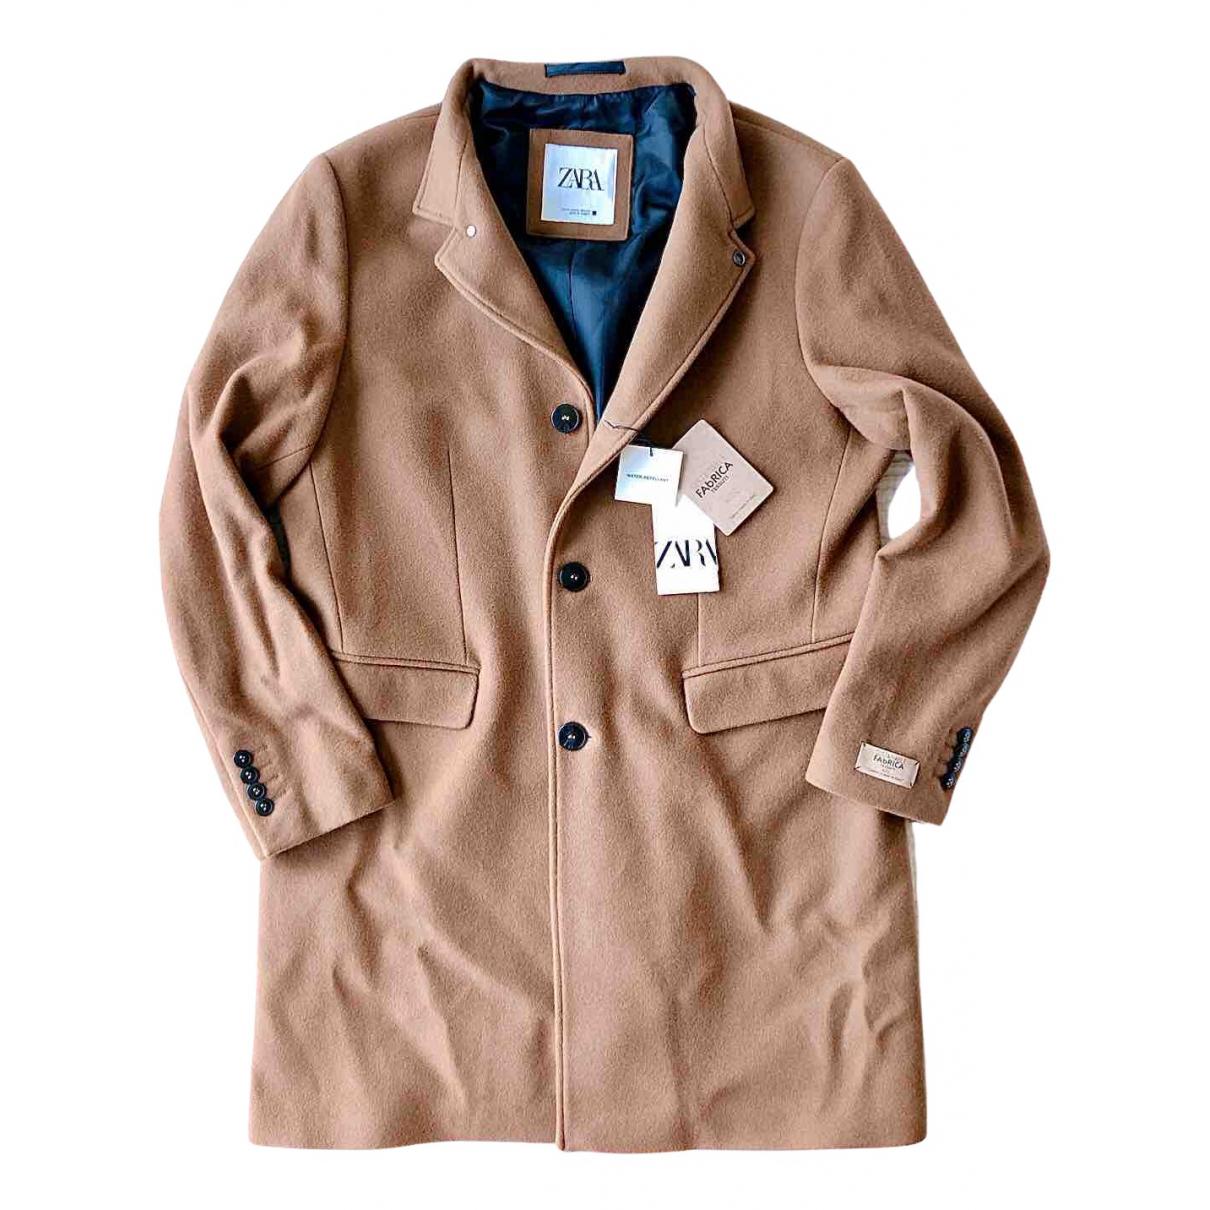 Zara - Manteau   pour homme en laine - marron